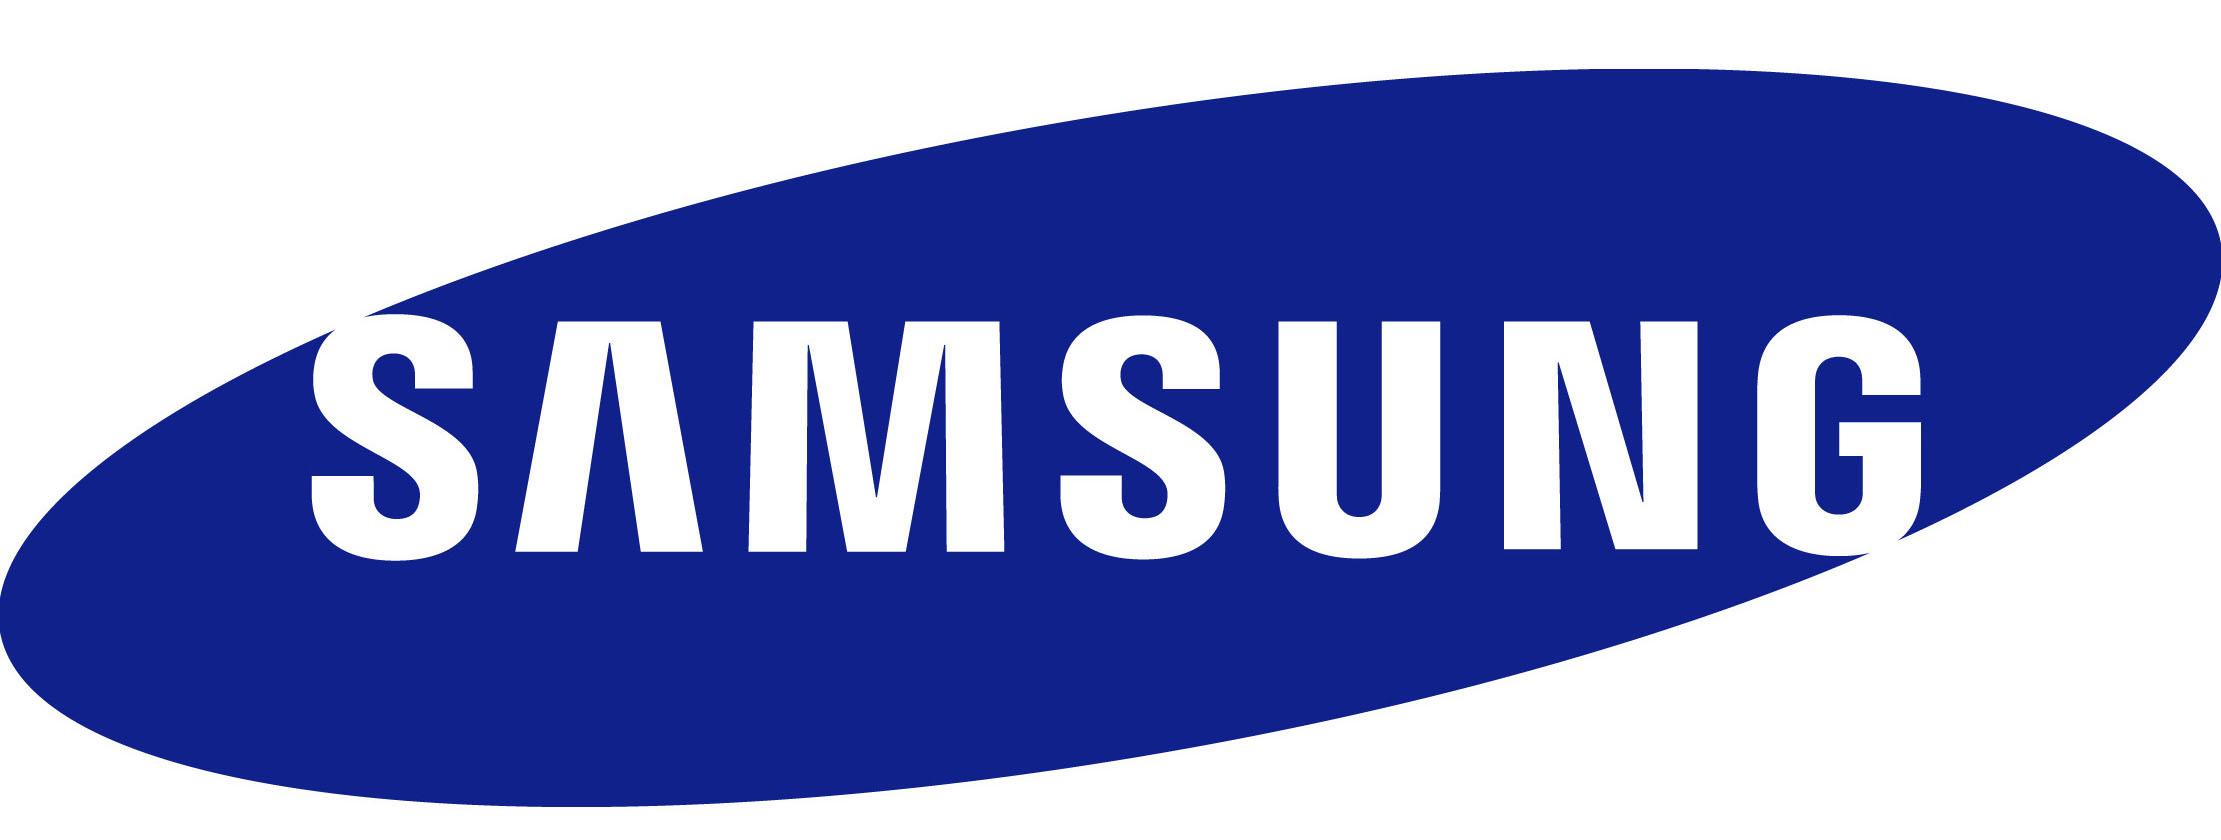 Как развивалась компания Samsung с момента основания и до наших дней - современная эмблема